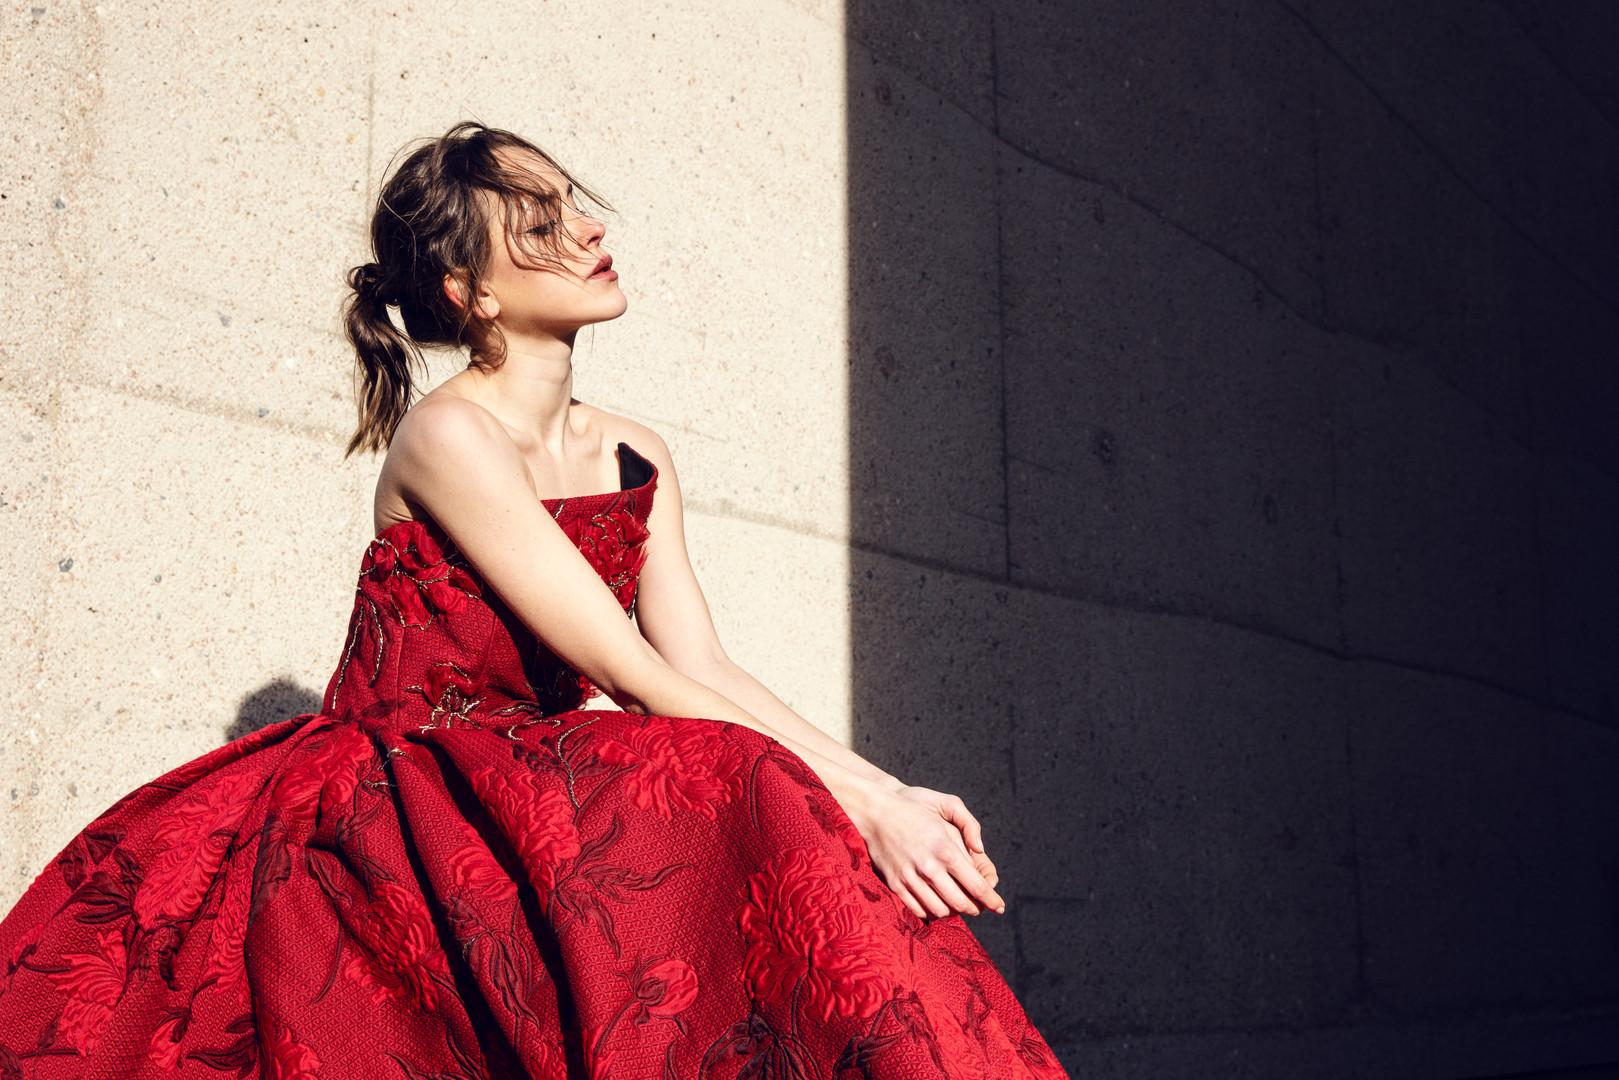 Fashion by Irene Luft